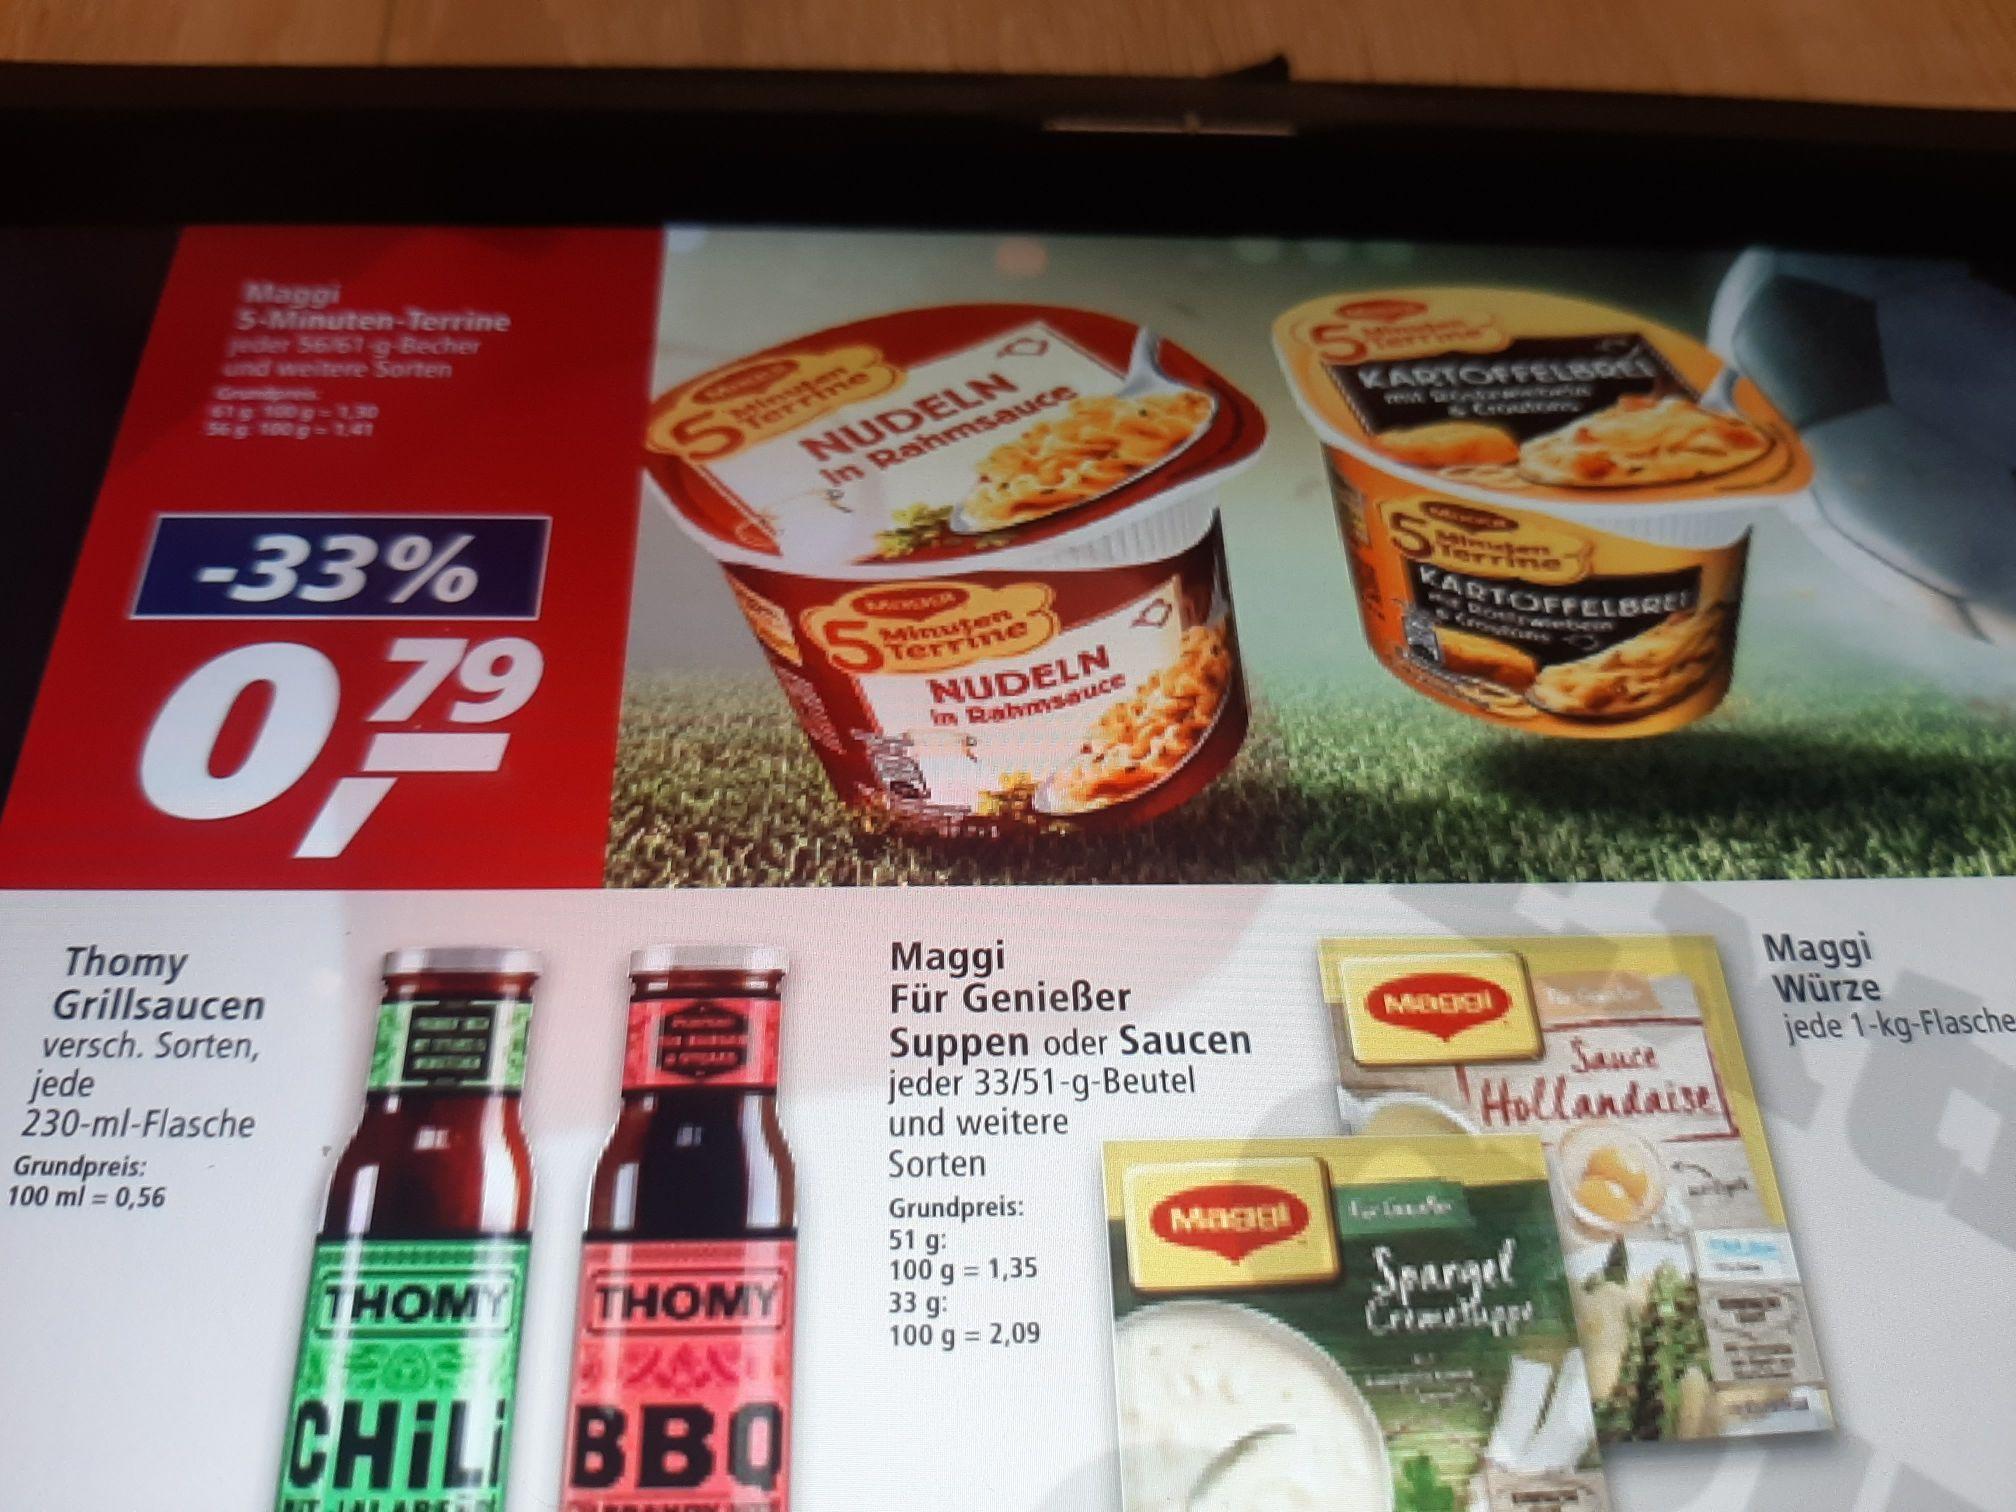 Maggi 5 Minuten Terrine 5Packungen Dank Coupon für 2.95€uro Suppen,Nudeln Diverse weitere Sorten.